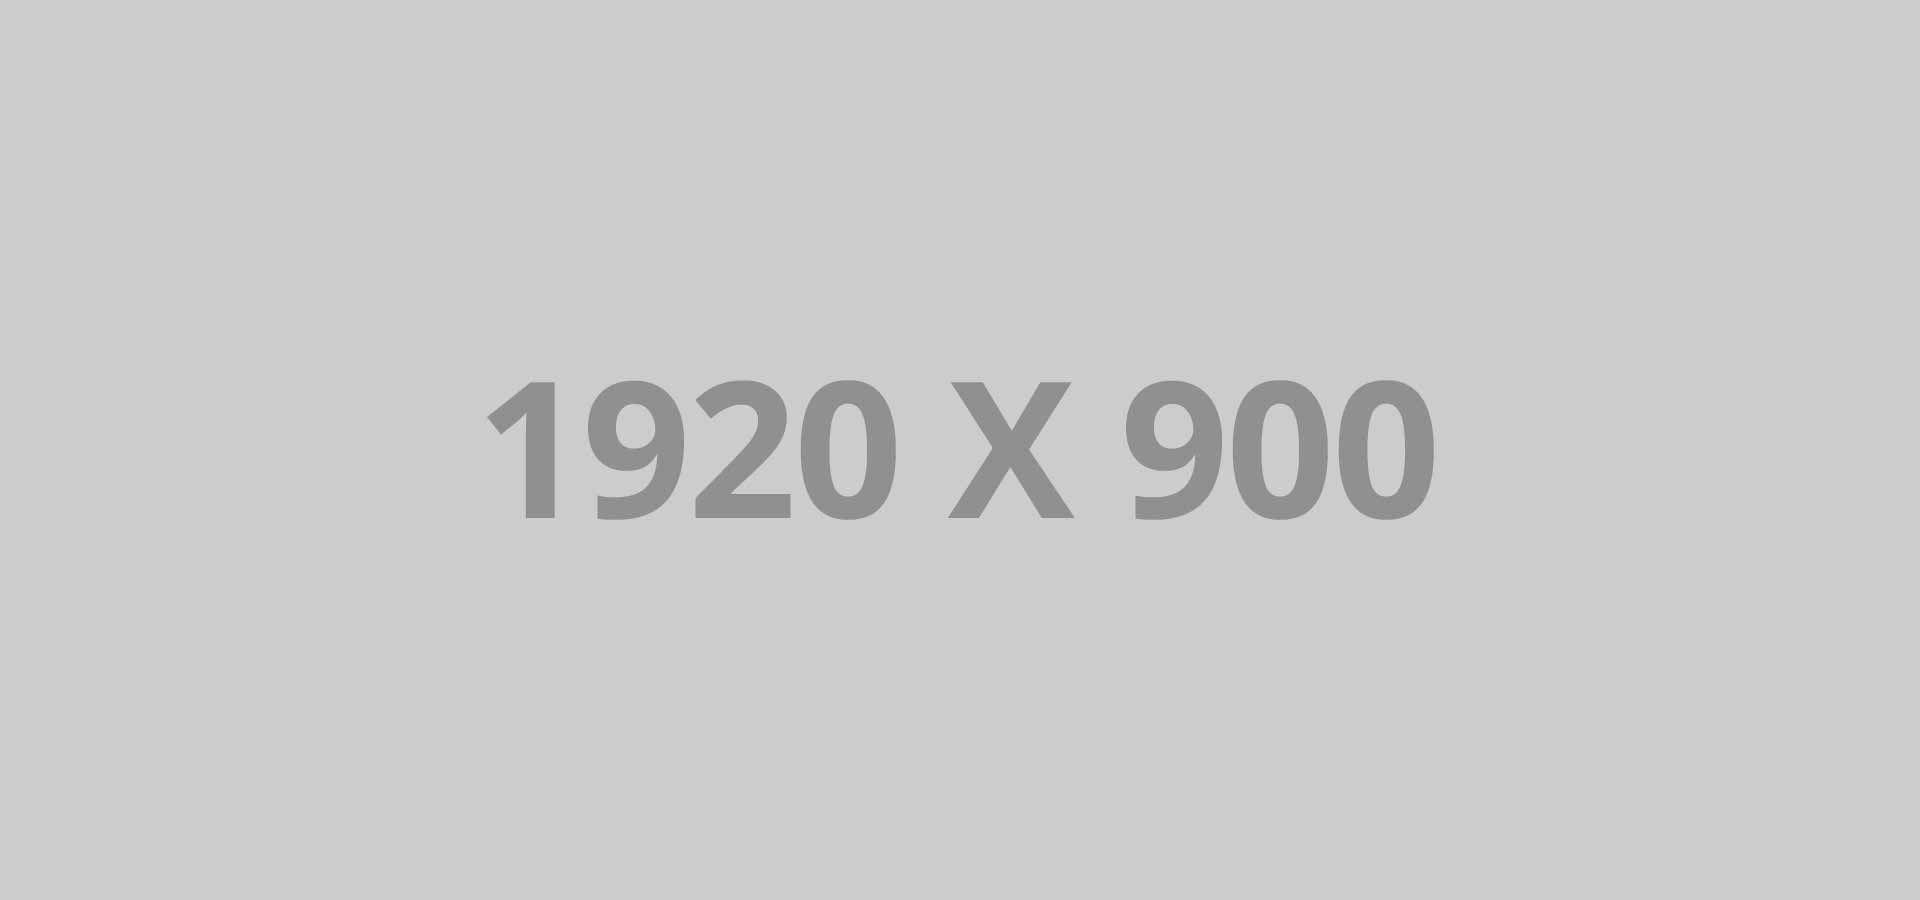 1920x900 ph